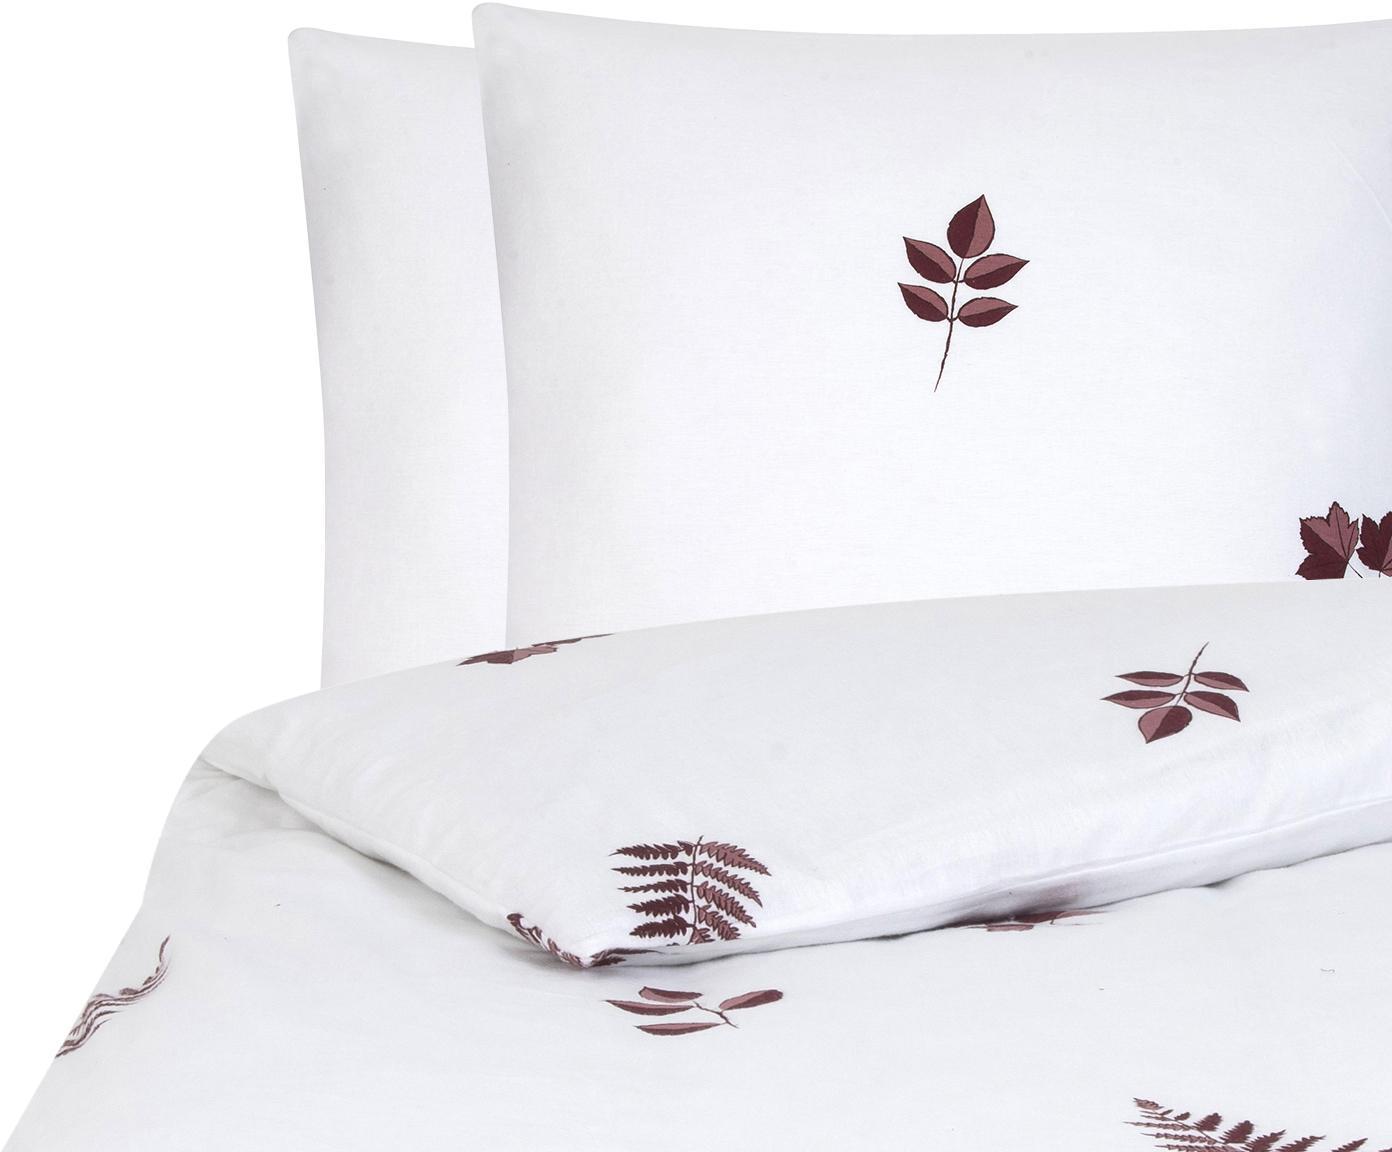 Flanell-Bettwäsche Fraser, Webart: Flanell Flanell ist ein s, Bordeaux, Weiß, 200 x 200 cm + 2 Kissen 80 x 80 cm